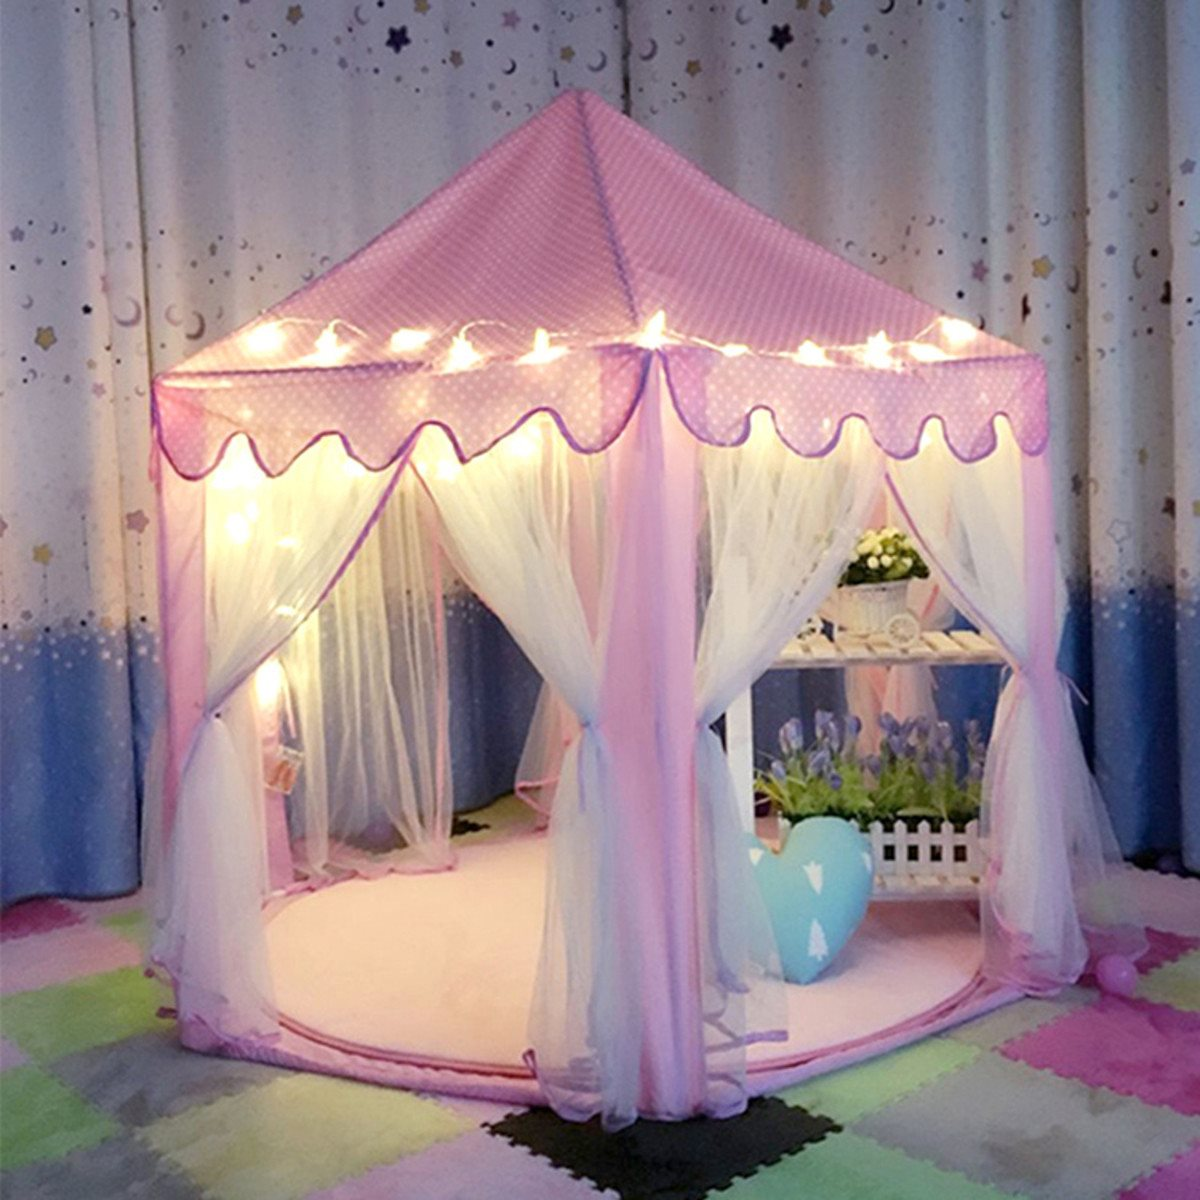 Прекрасный Обувь для девочек розовый Портативный Замок принцессы Милые театр Для детей играть палатка открытый Игрушечные лошадки пляж па...